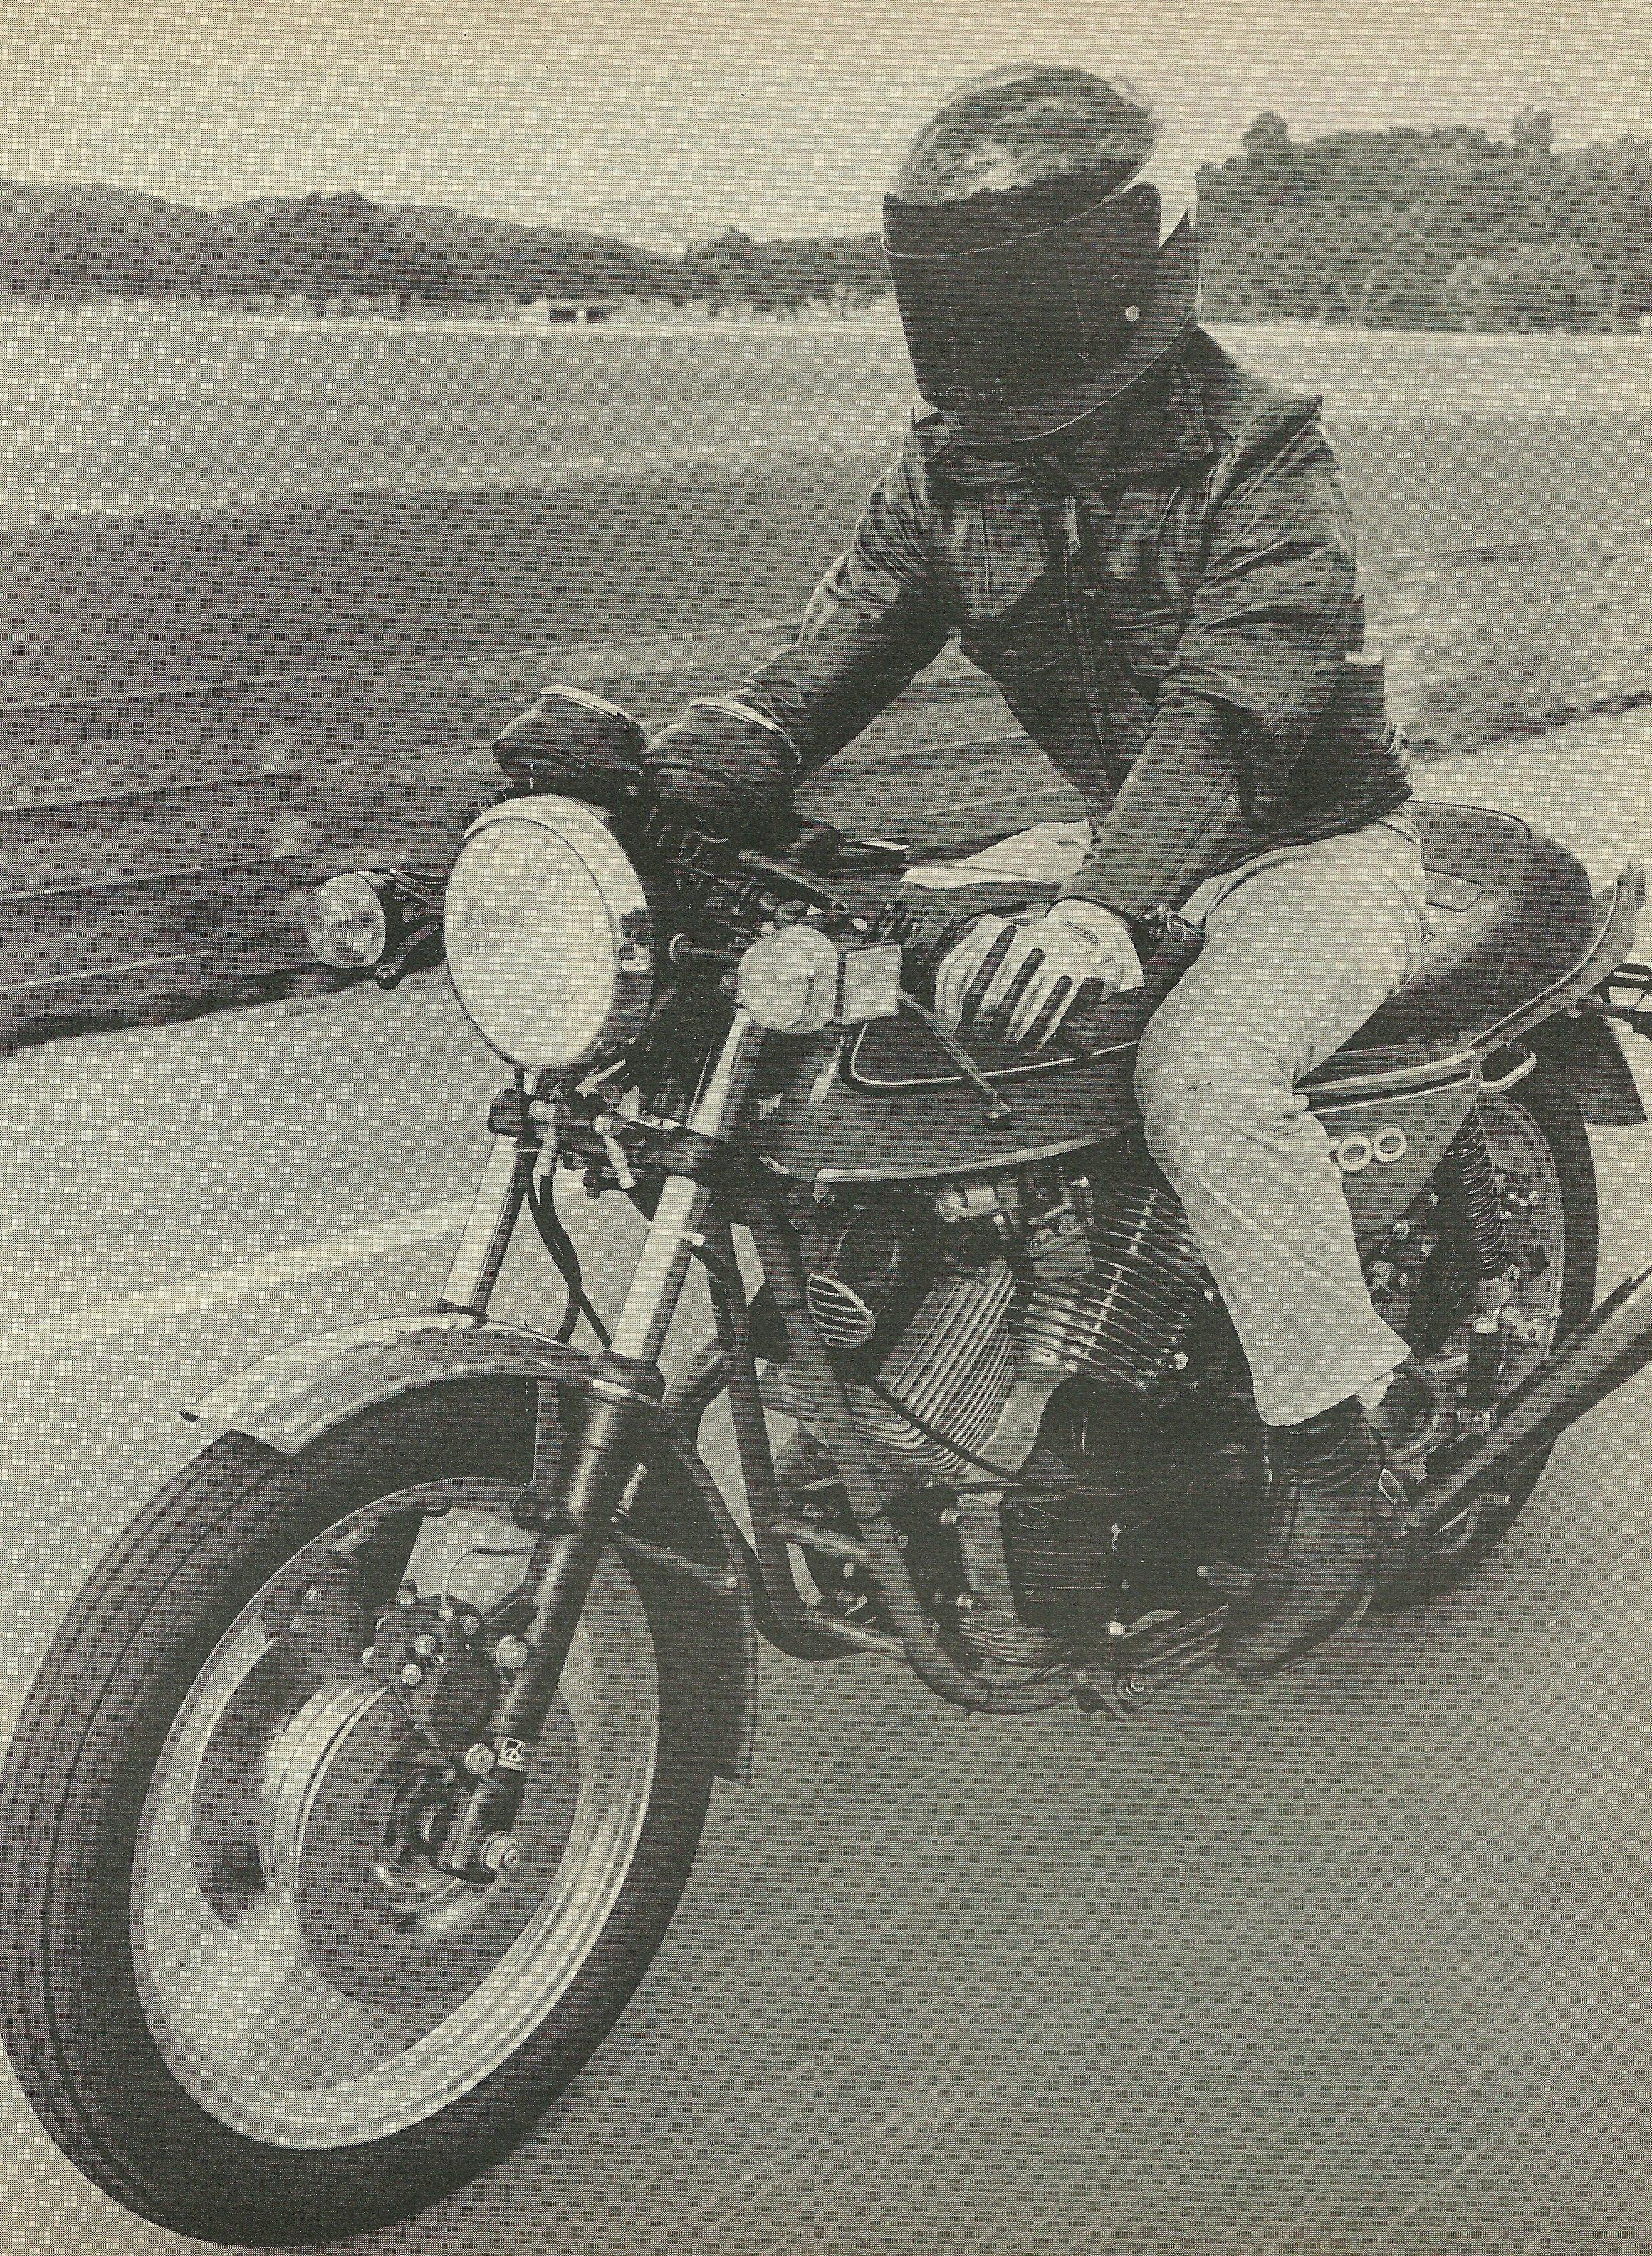 1980 Moto Morini 500 Sport road test 2.JPG